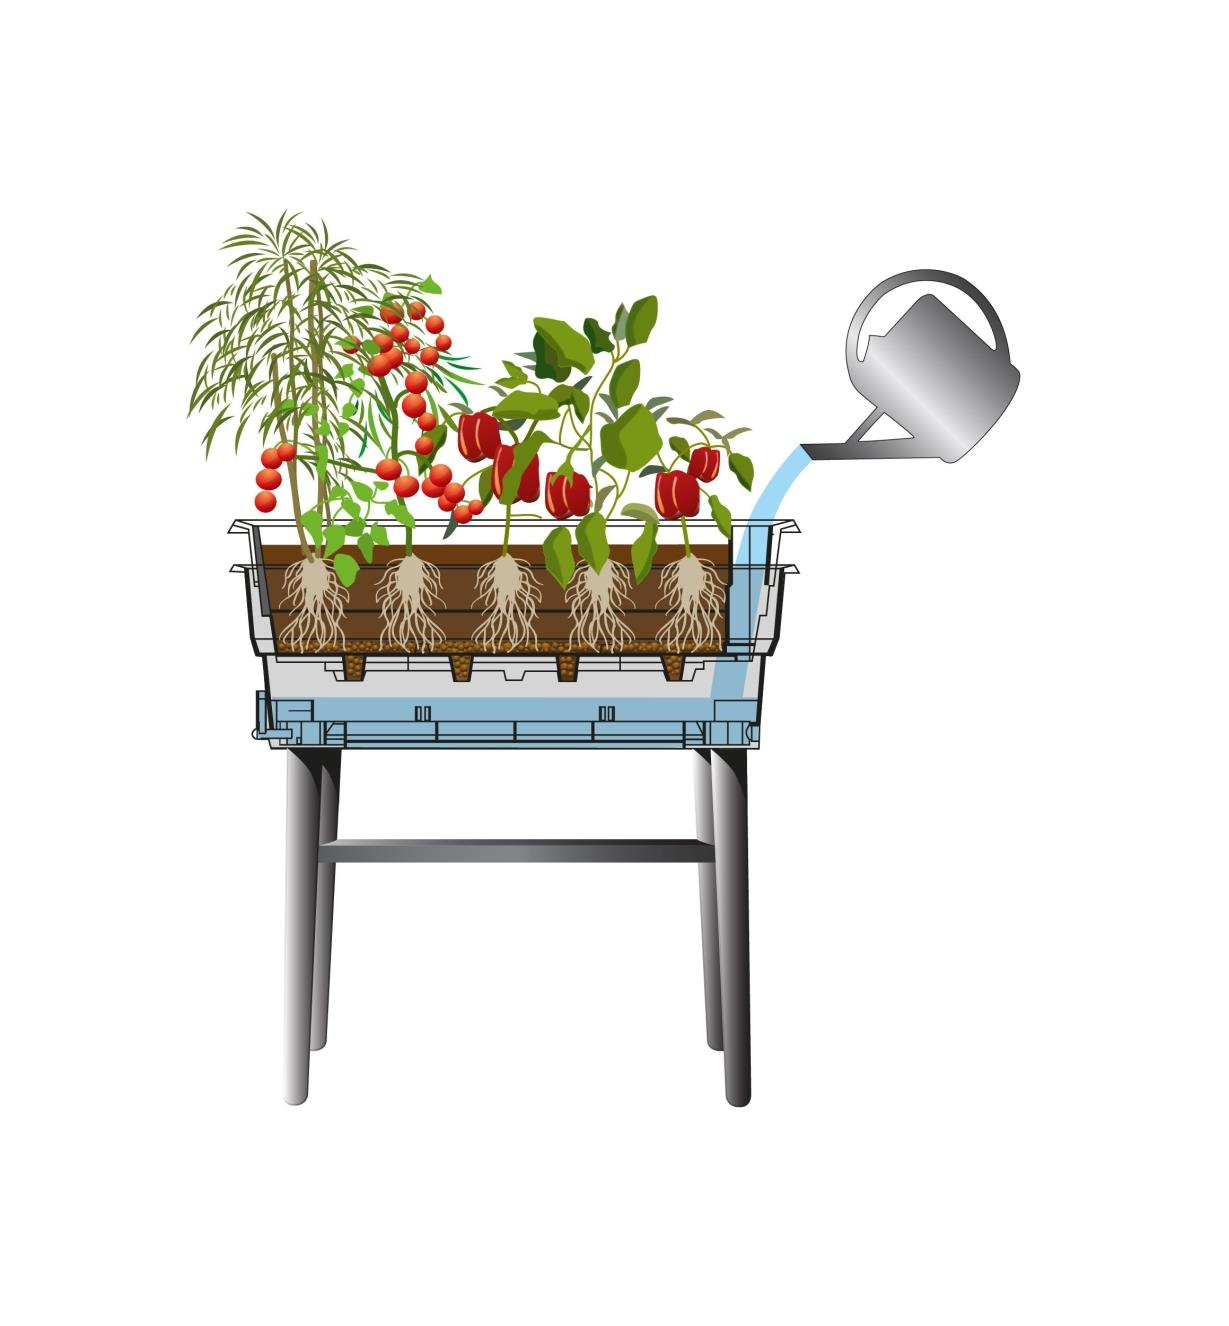 Illustration montrant le remplissage du réservoir du bac de culture à réservoir intégré sur pieds